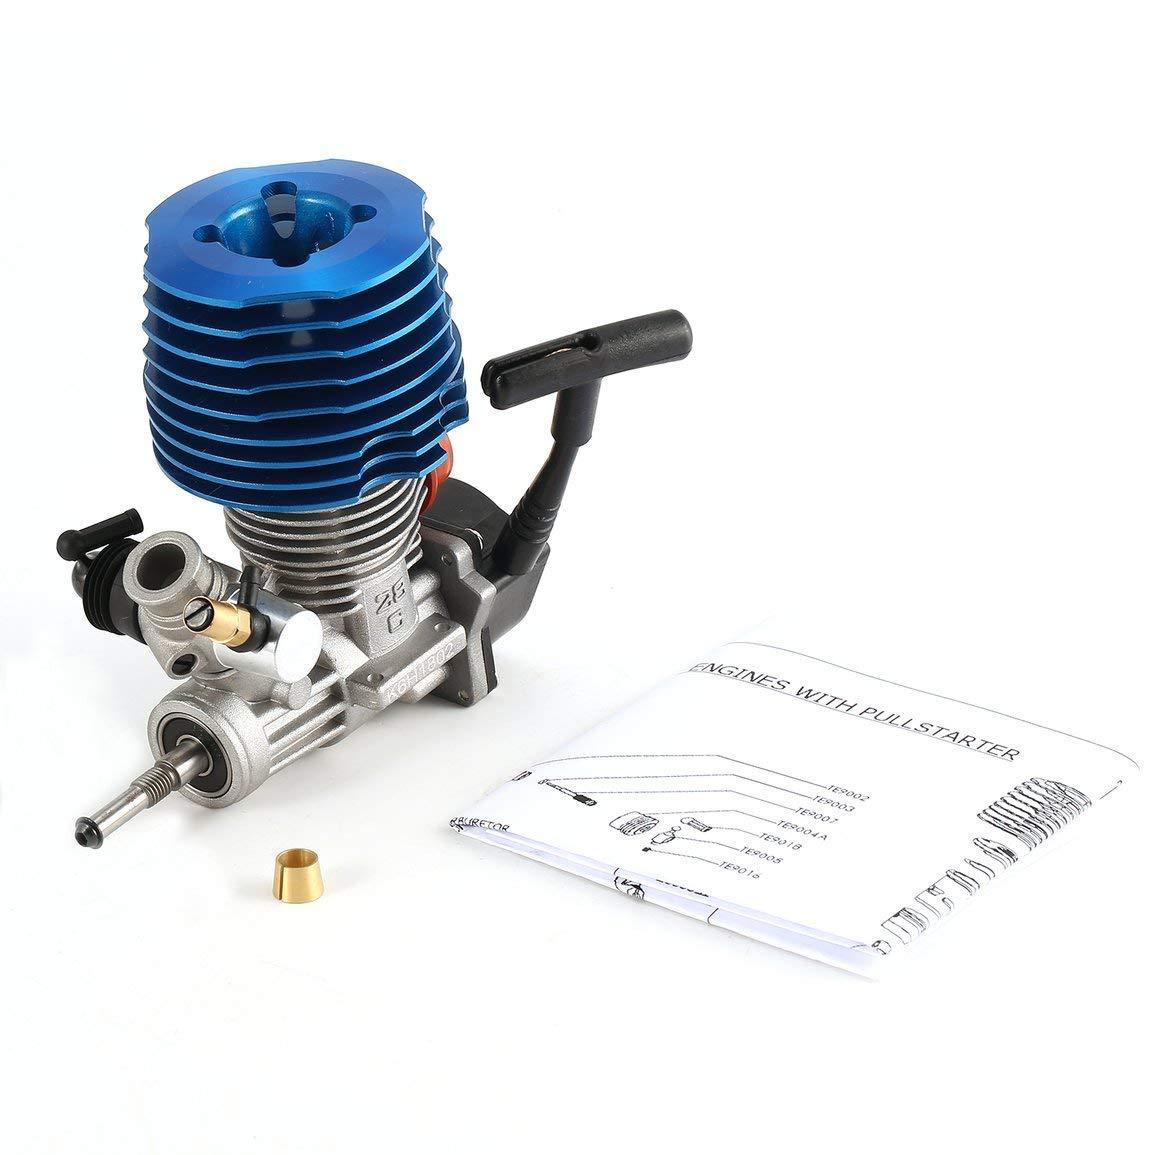 venta directa de fábrica 4.57CC Arrancador Lateral de extracción Manual del Motor de Metal Metal Metal de Escape para 1 8 Racing RC Coche fghfhfgjdfj  el más barato